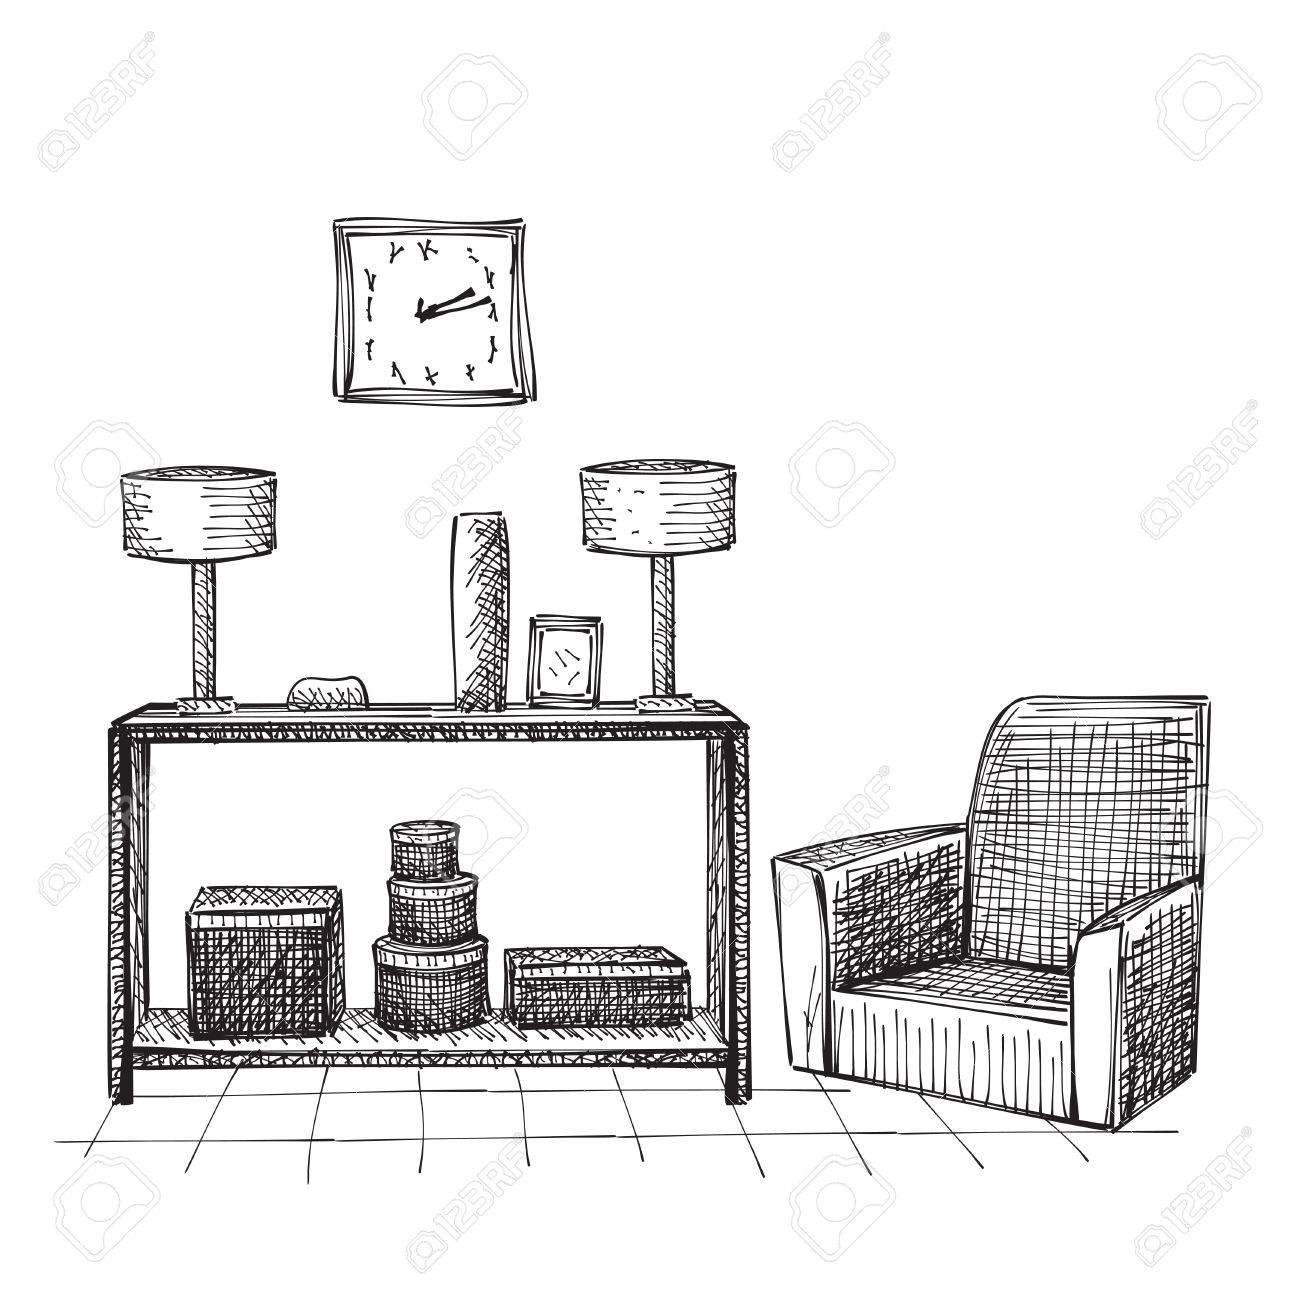 Sessel gezeichnet  Hand Gezeichnet Rauminnen Skizze. Bequeme Sessel Und Tisch ...